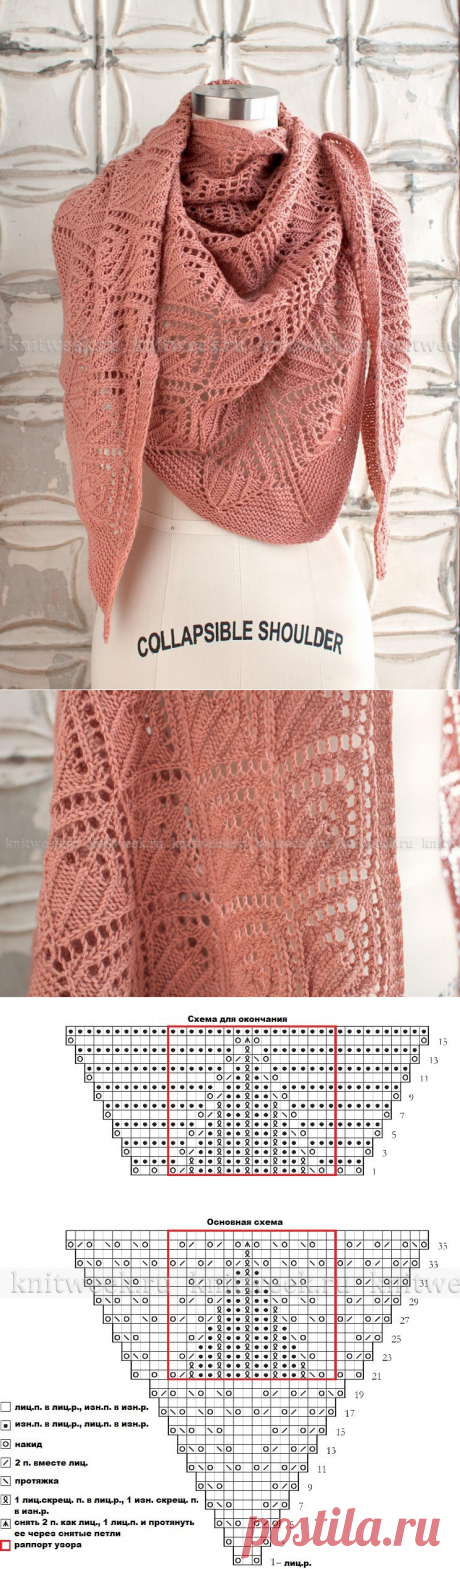 Ажурная шаль во французском стиле.